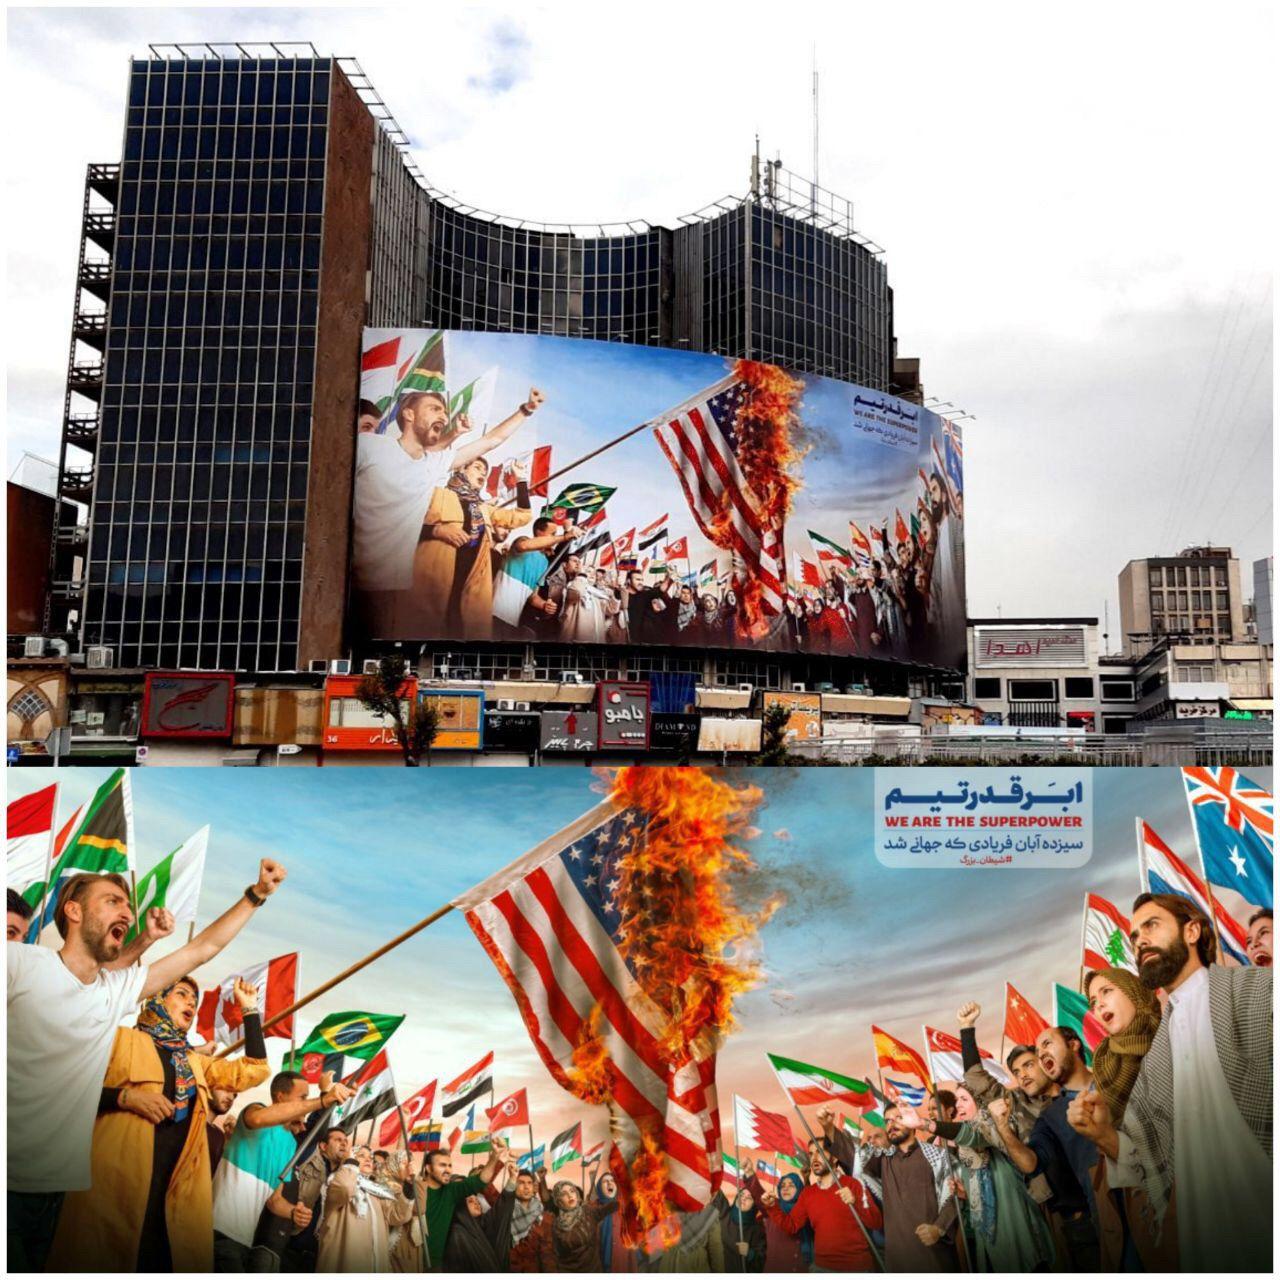 رونمایی از ضدآمریکایی ترین طرح دیوارنگاره میدان ولیعصر